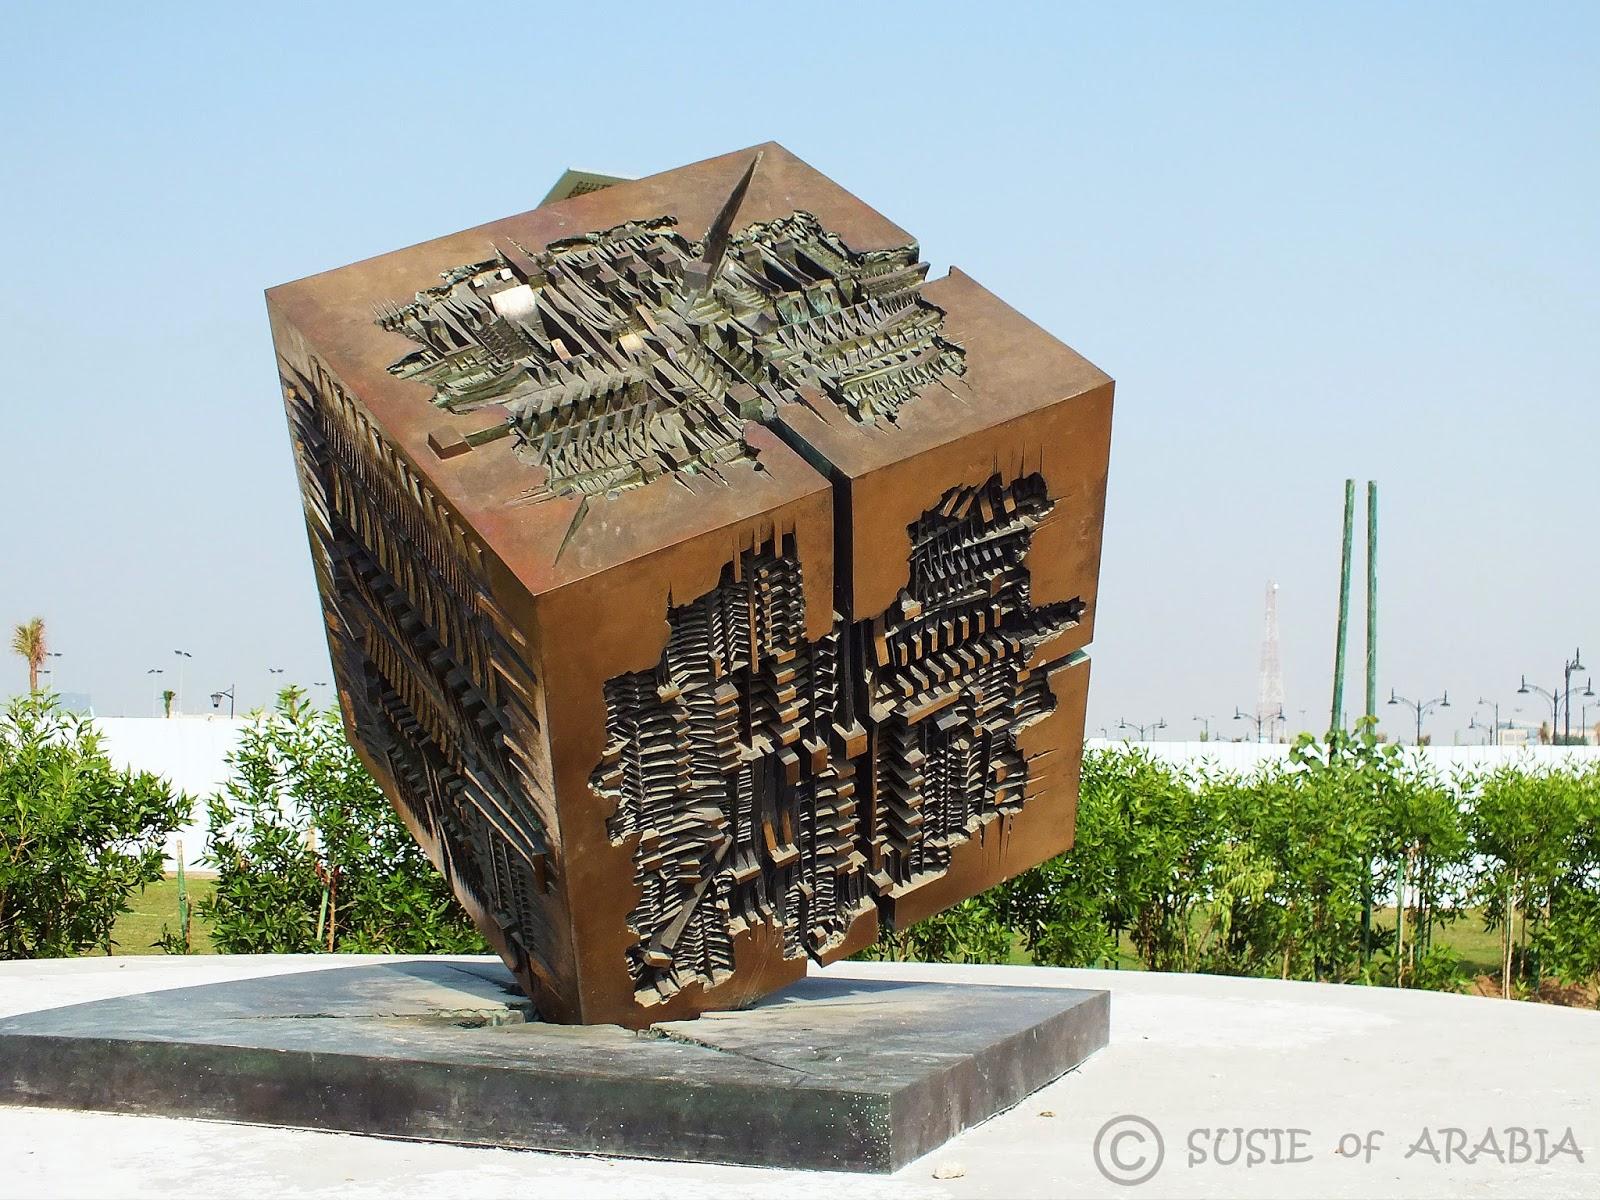 Jeddah Daily Photo: Jeddah Art Week - Arnaldo Pomodoro